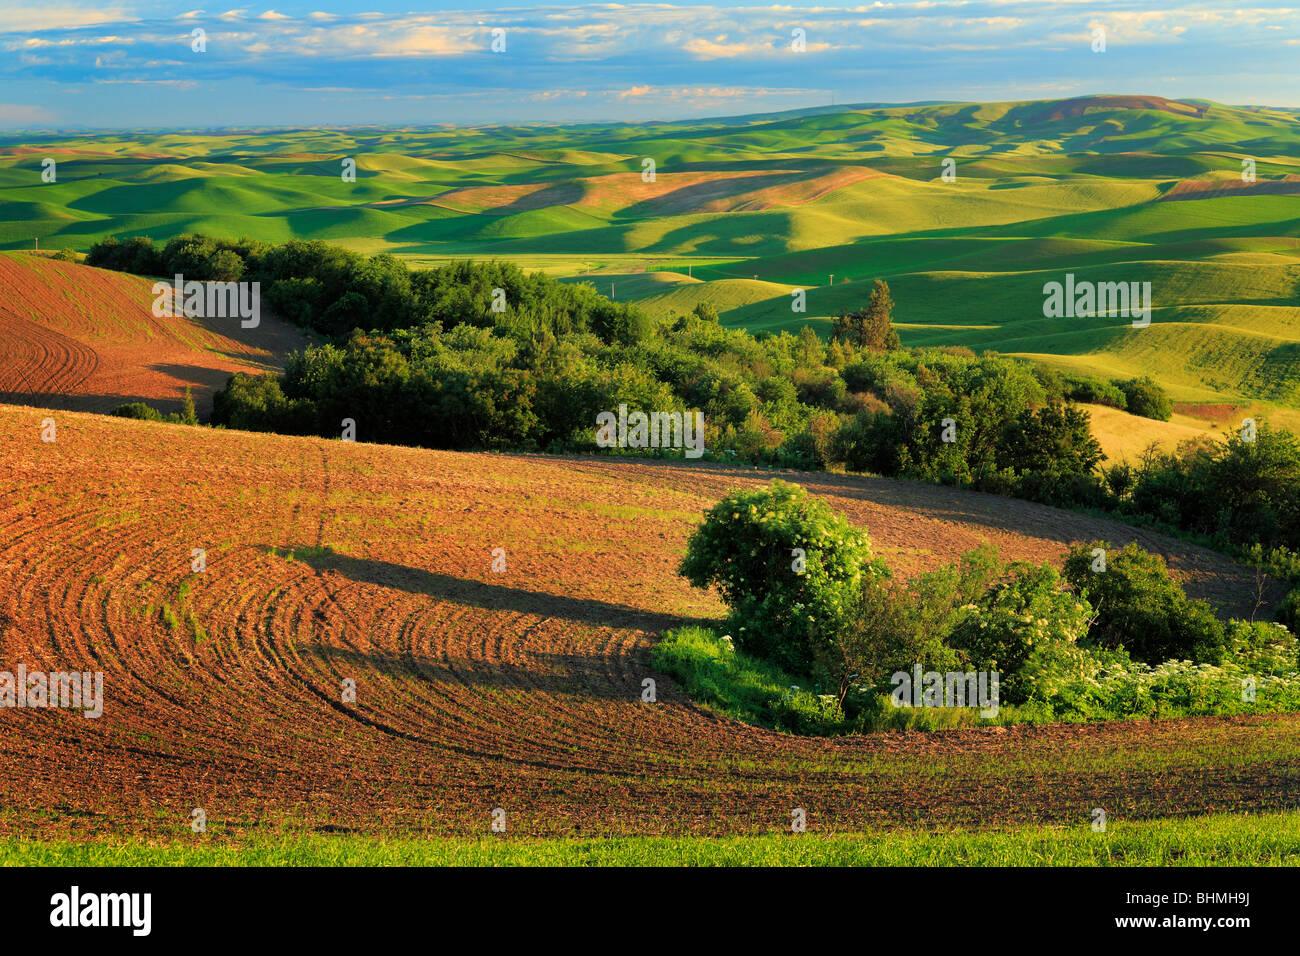 Los campos de granja de Steptoe Butte en la región Palouse este del estado de Washington Imagen De Stock